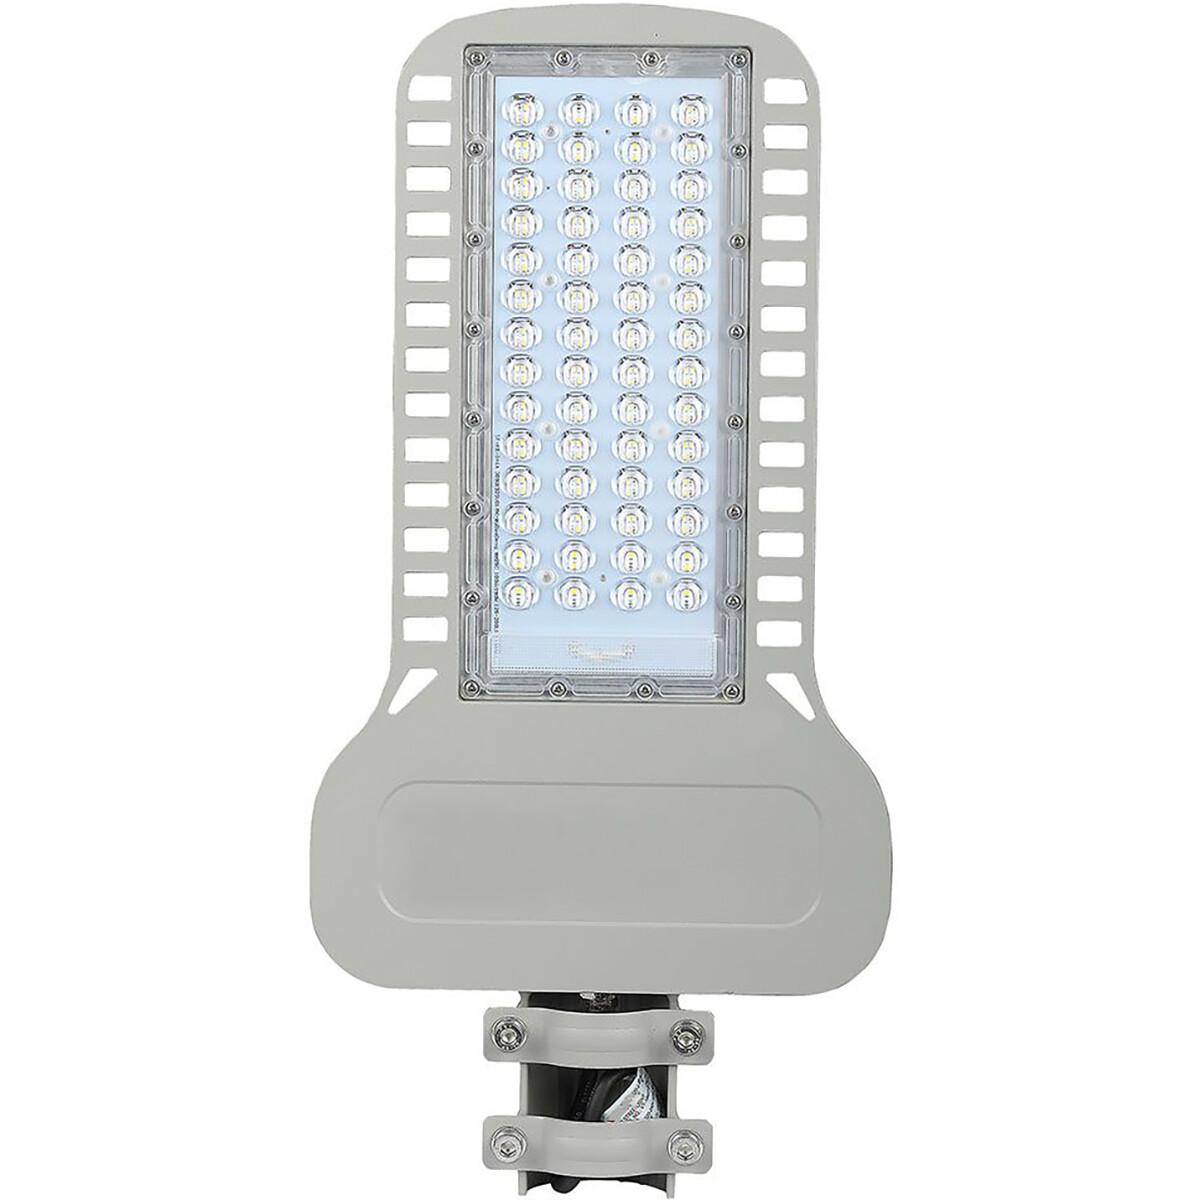 SAMSUNG - LED Straatlamp Slim - Viron Unato - 100W - Helder/Koud Wit 6400K - Waterdicht IP65 - Mat G